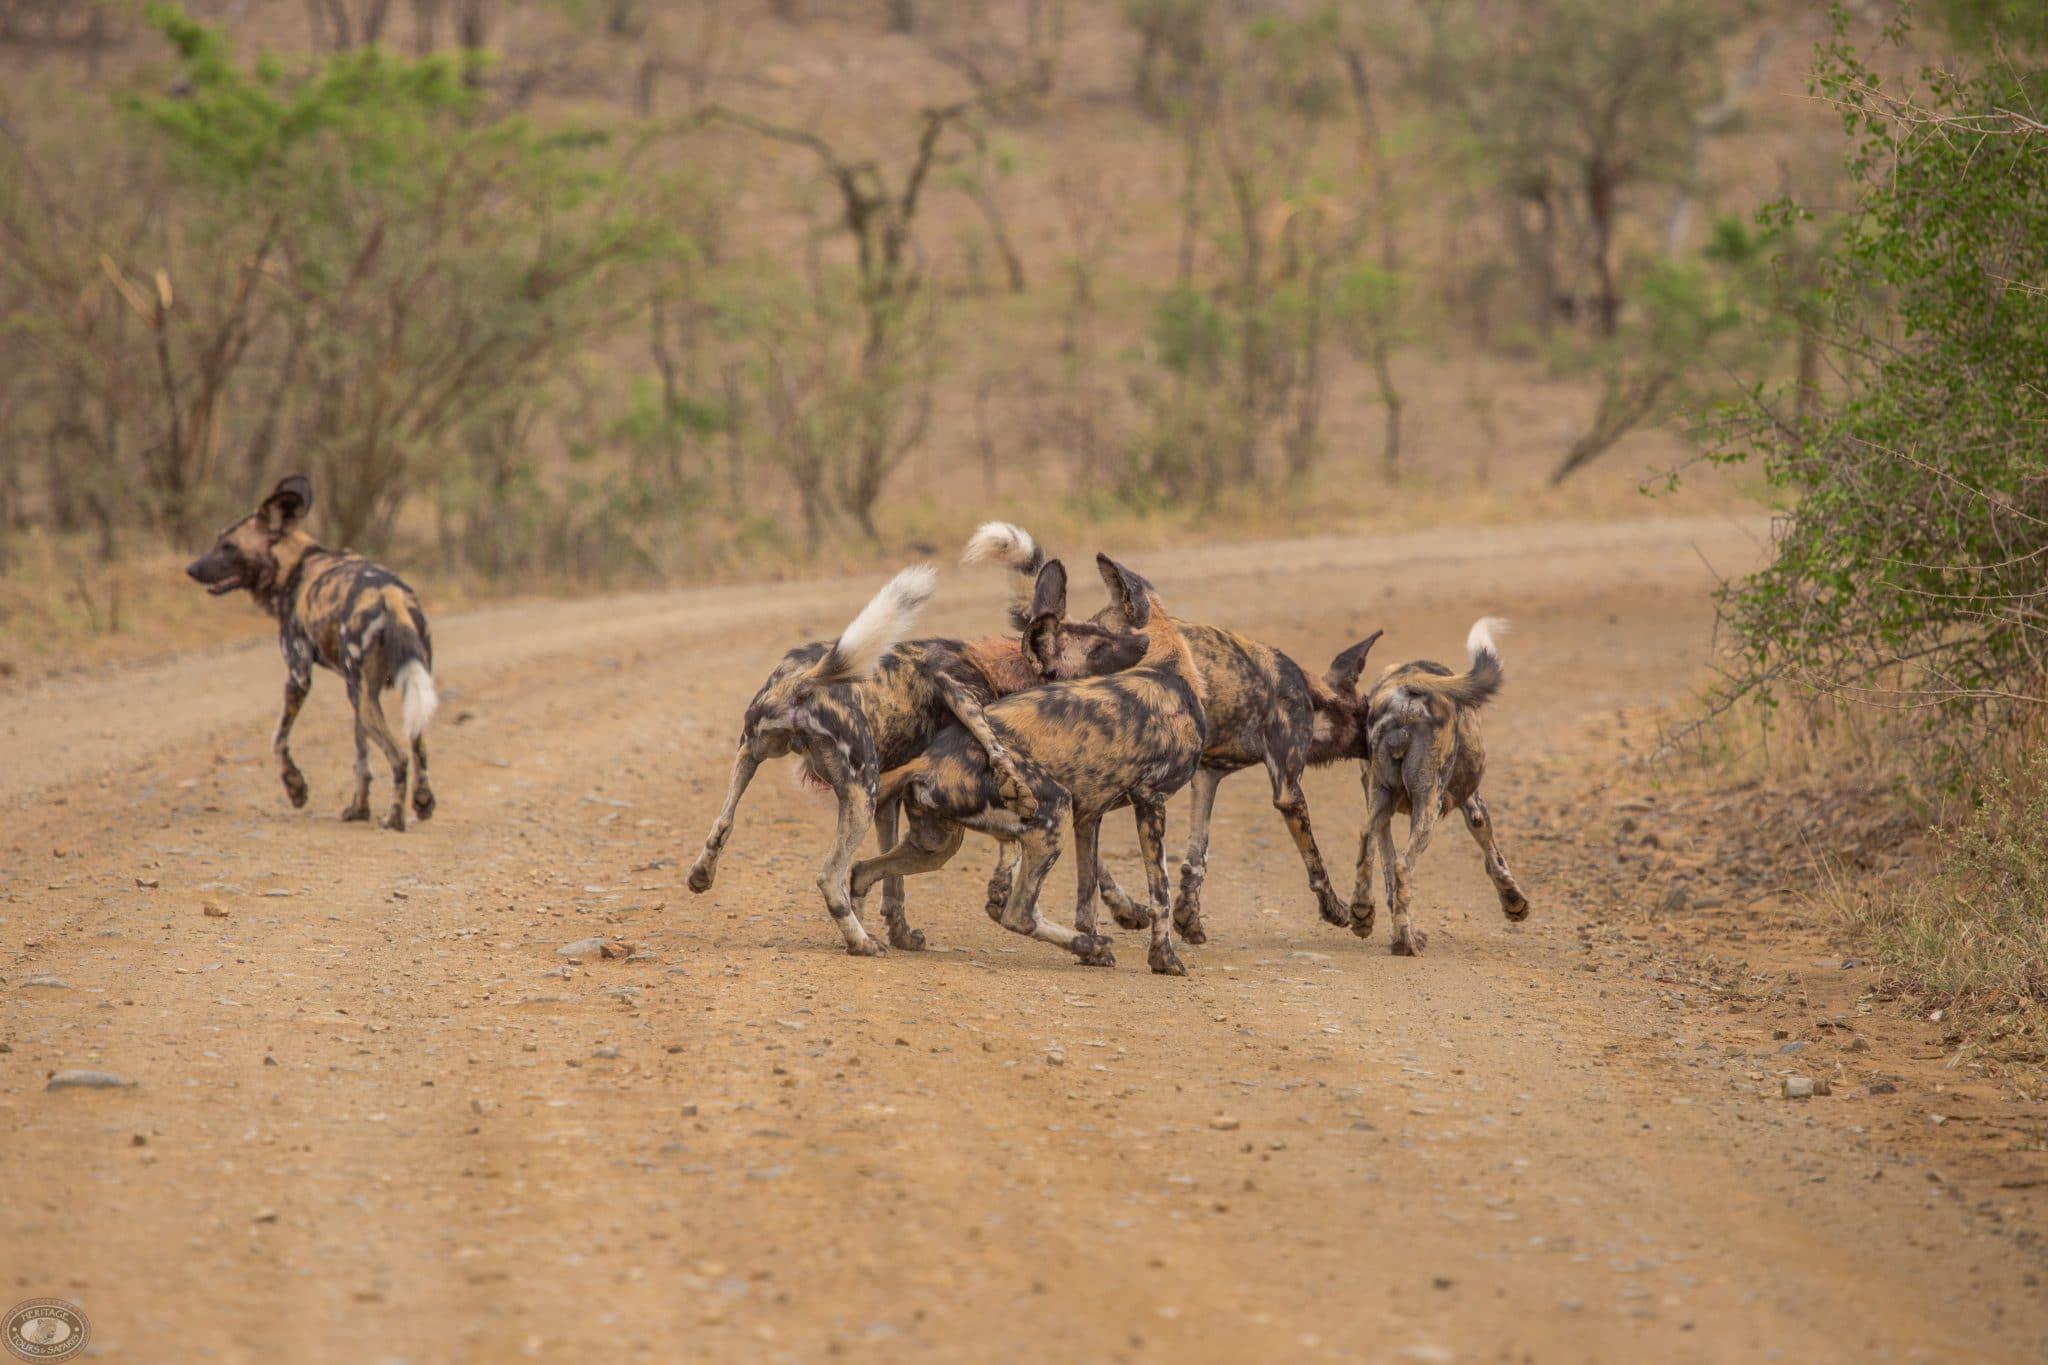 hluhluwe-imfolozi park wild dog pack